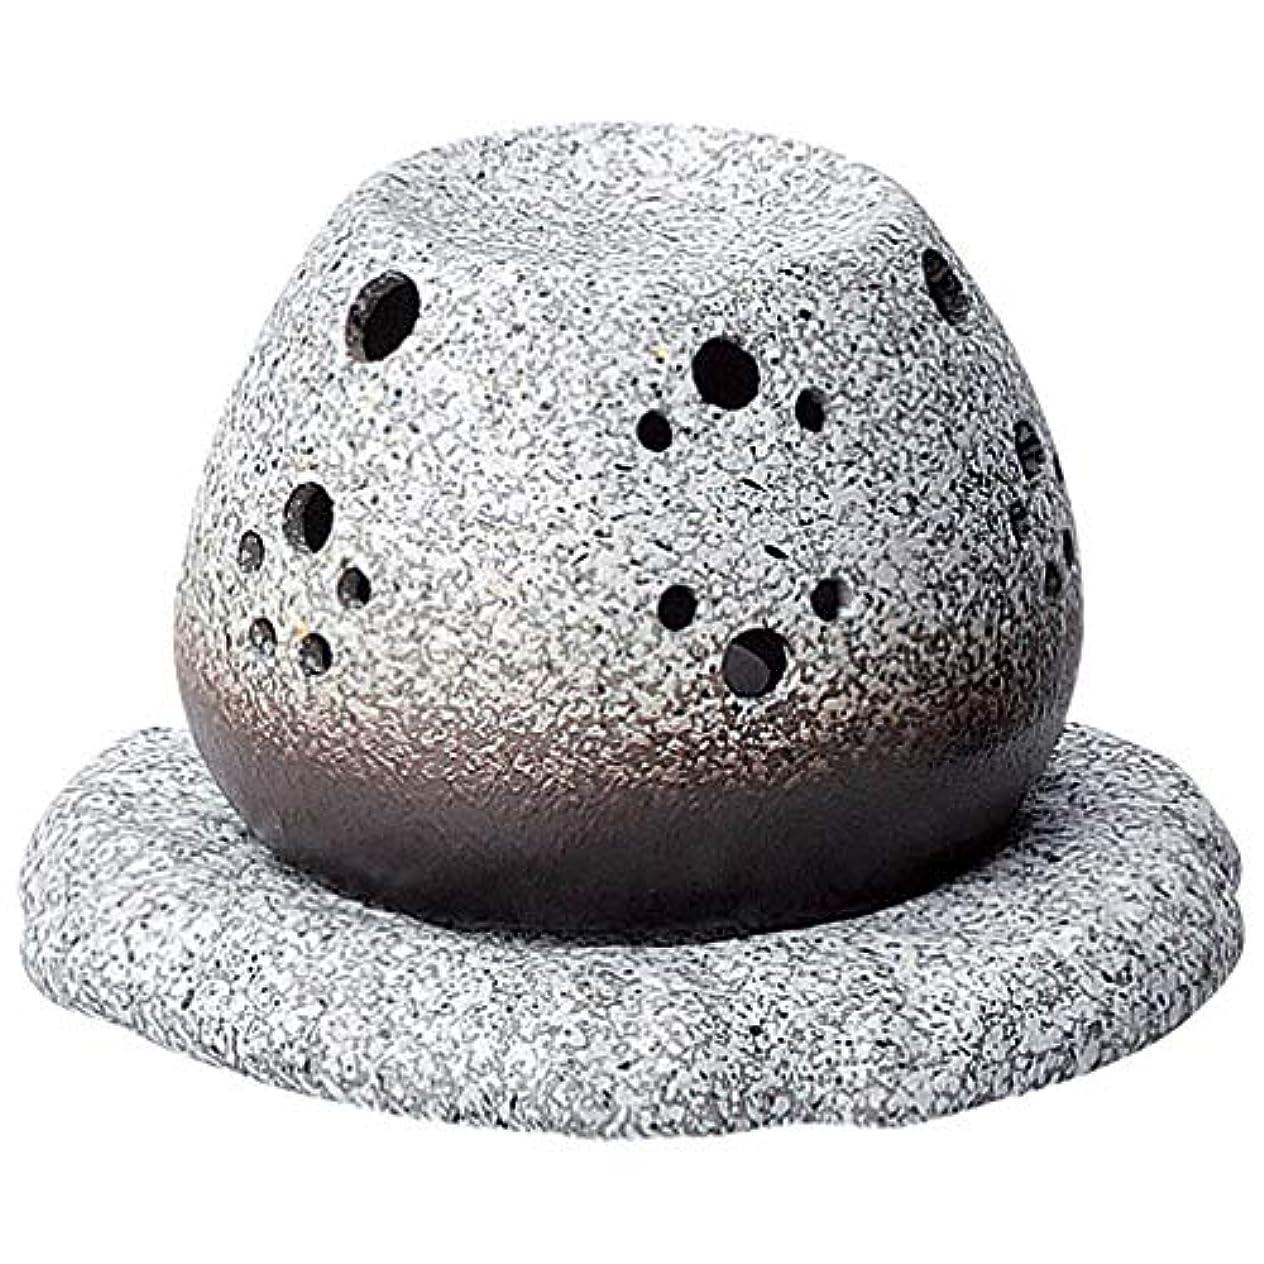 従順俳優申し込む常滑焼 G1710 茶香炉  径11.5×10.5cm